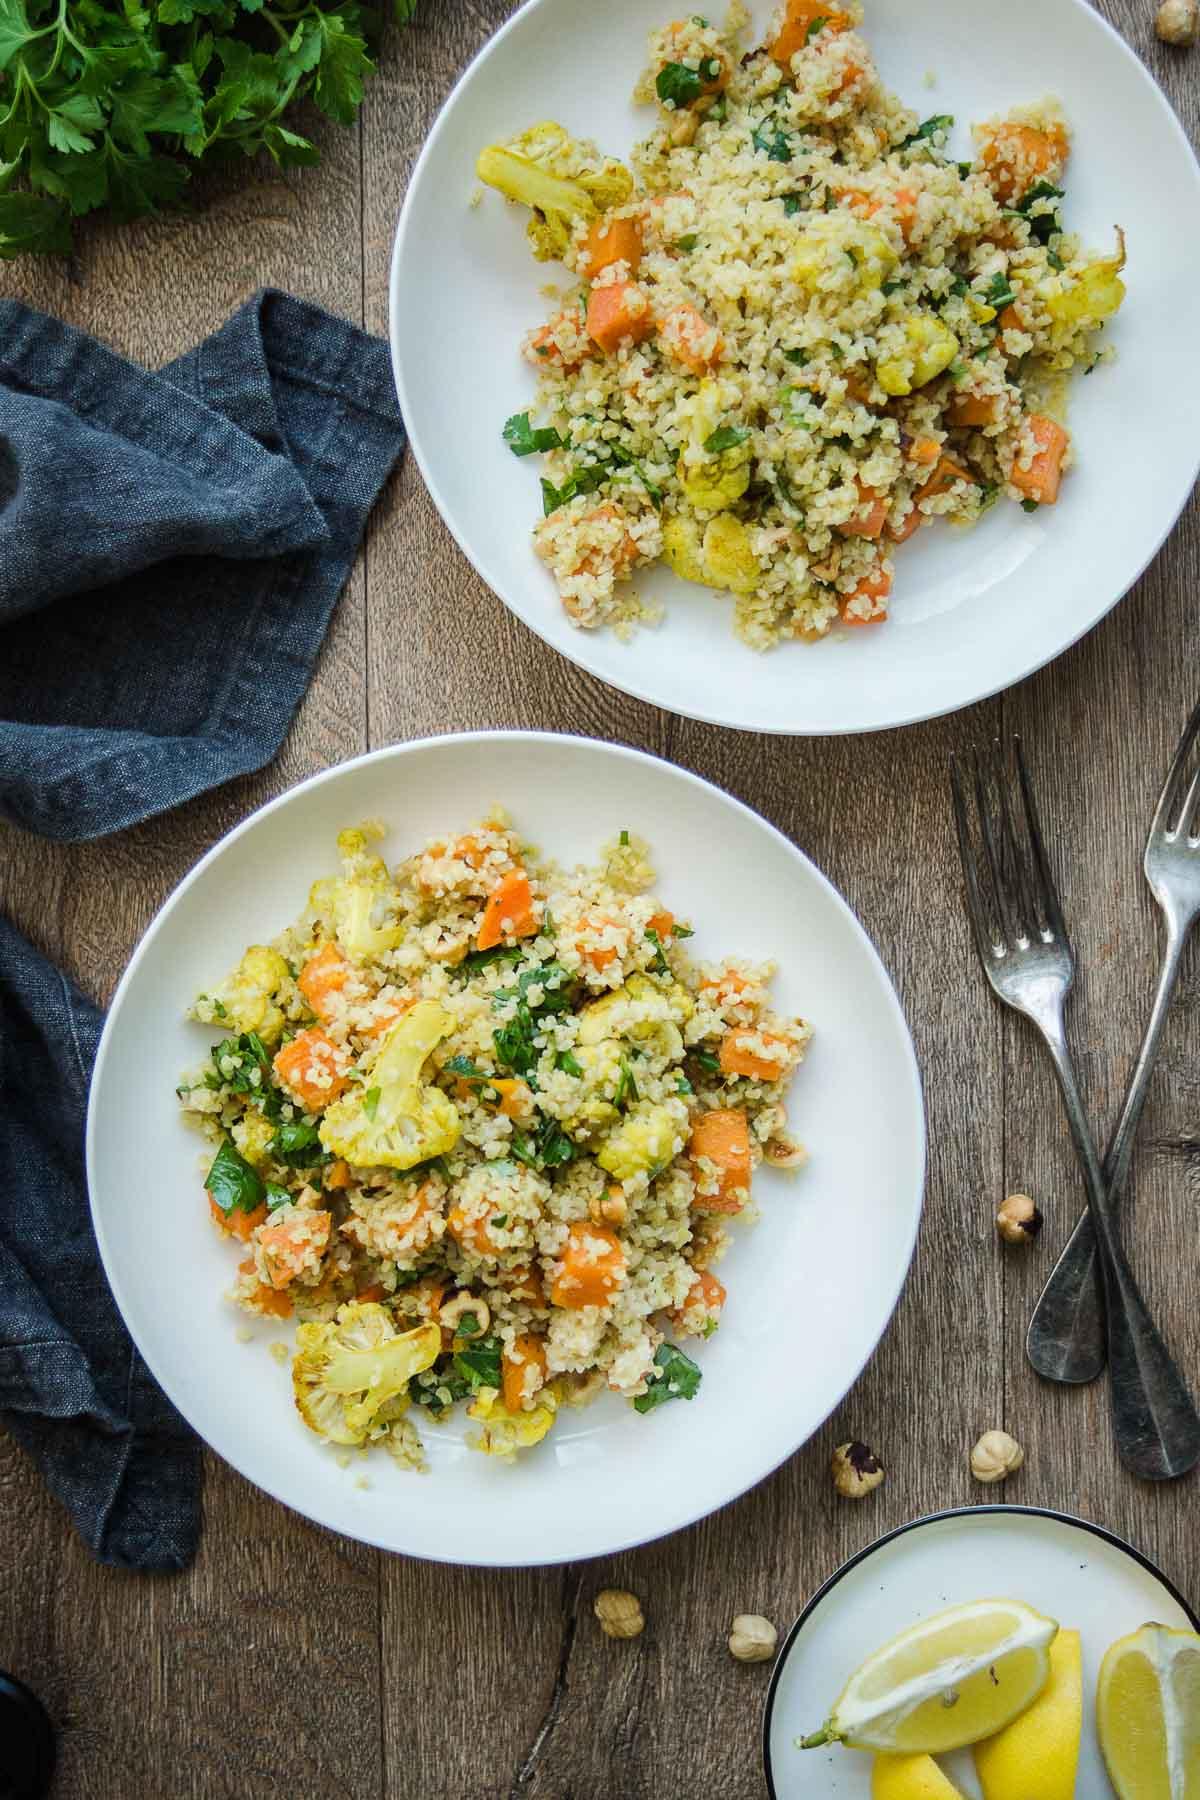 Veganes Rezept für Gerösteter Gemüsesalat mit Bulgur und Haselnüsse